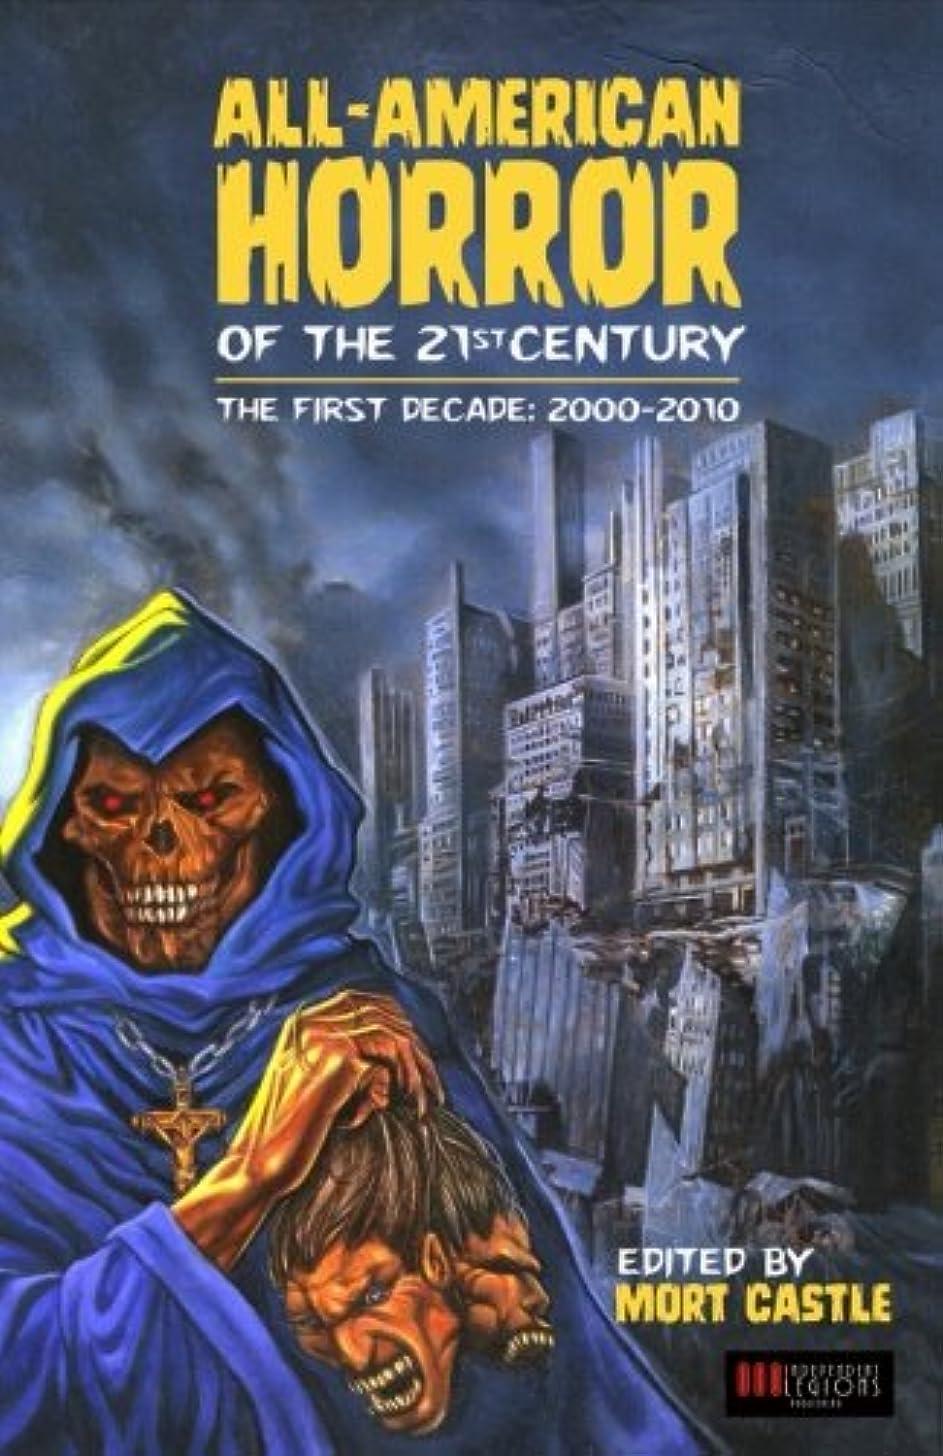 アンドリューハリディ発生承知しましたAll-American Horror of the 21st Century: The First Decade (2000-2010)